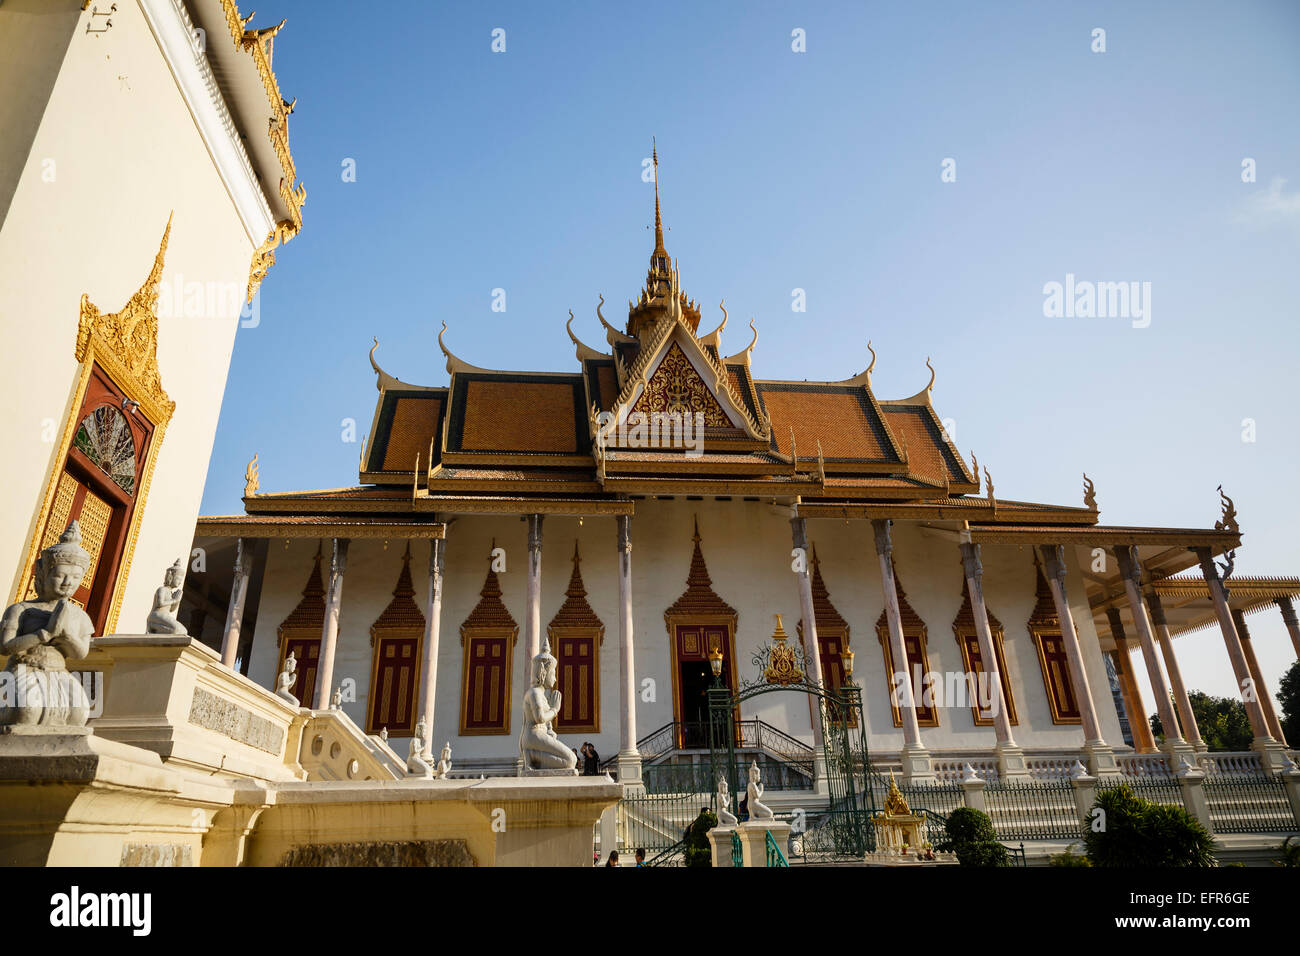 La Pagode d'argent, du Palais Royal, Phnom Penh, Cambodge. Banque D'Images